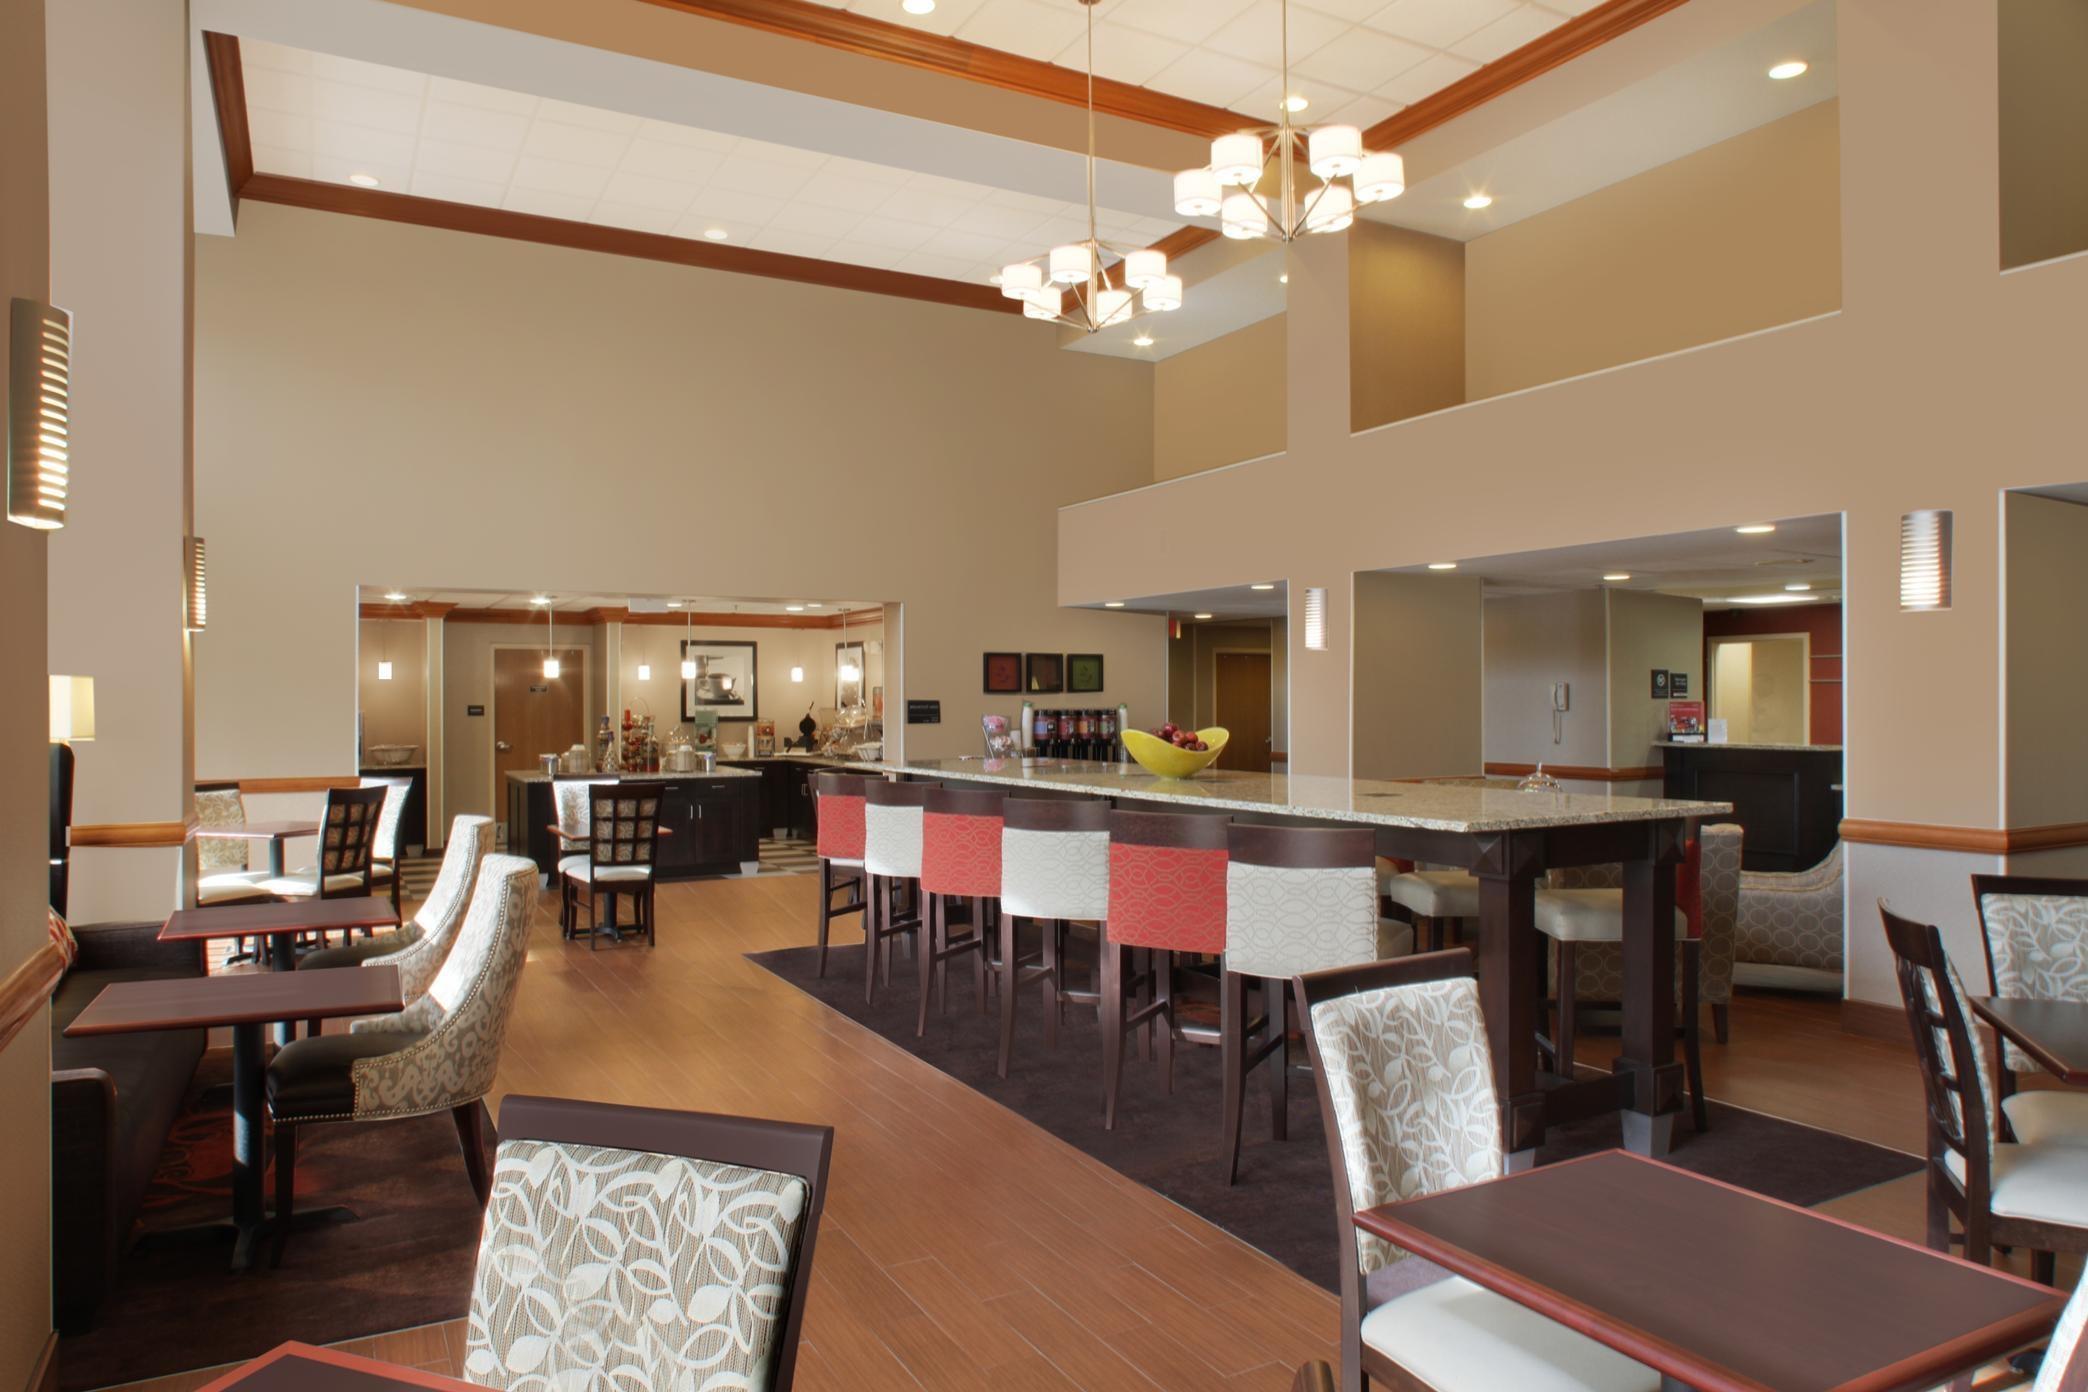 Hampton Inn & Suites Port St. Lucie, West image 9